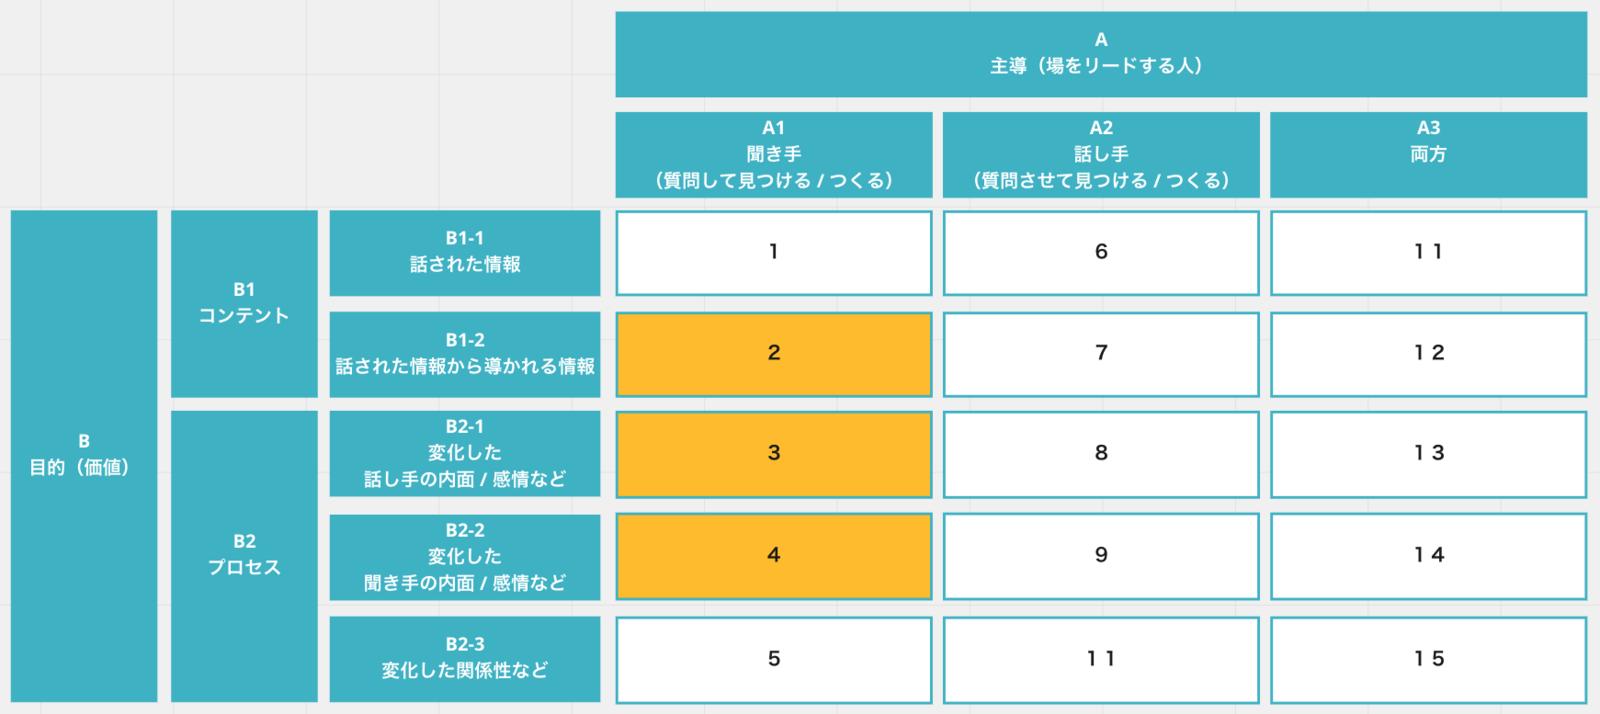 f:id:yoshitsugumi:20201226040013p:plain